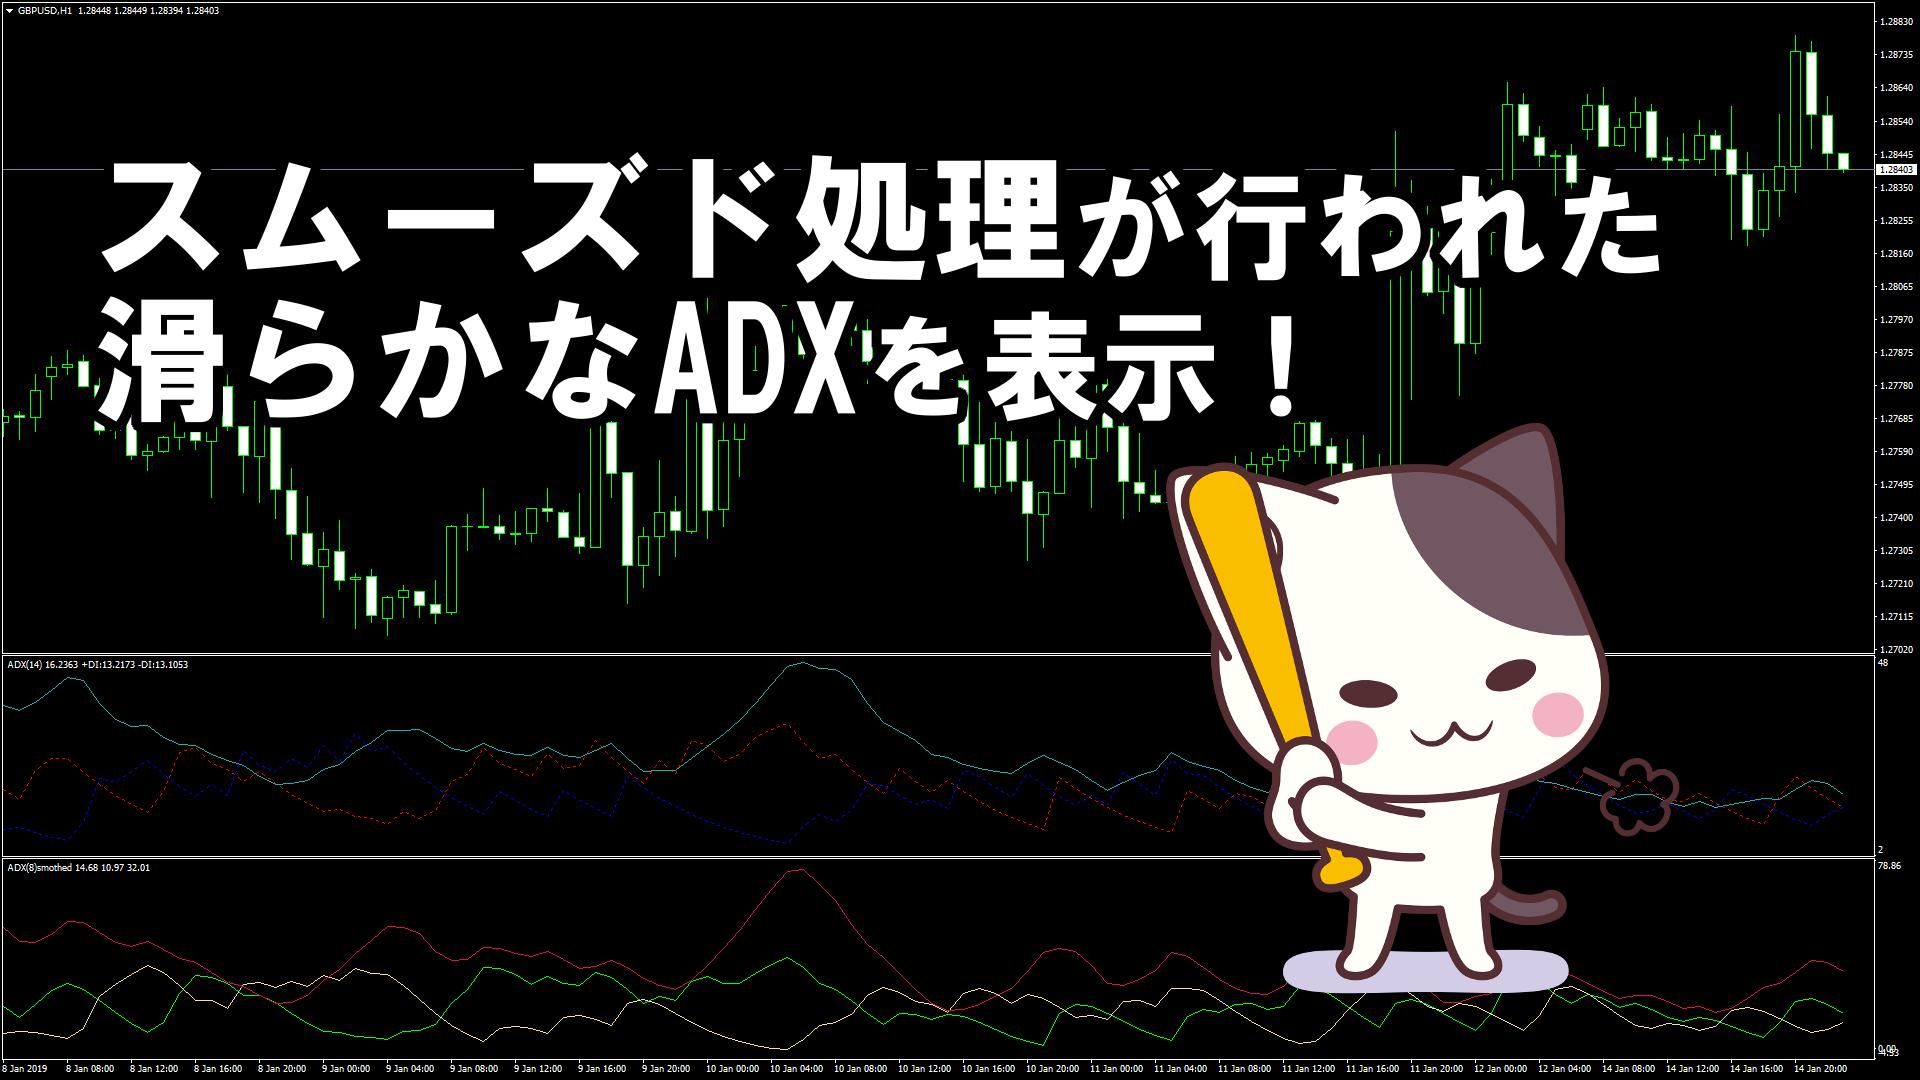 スムーズド処理が行われた滑らかなADXを表示するMT4インジケーター『ADX Smoothed』